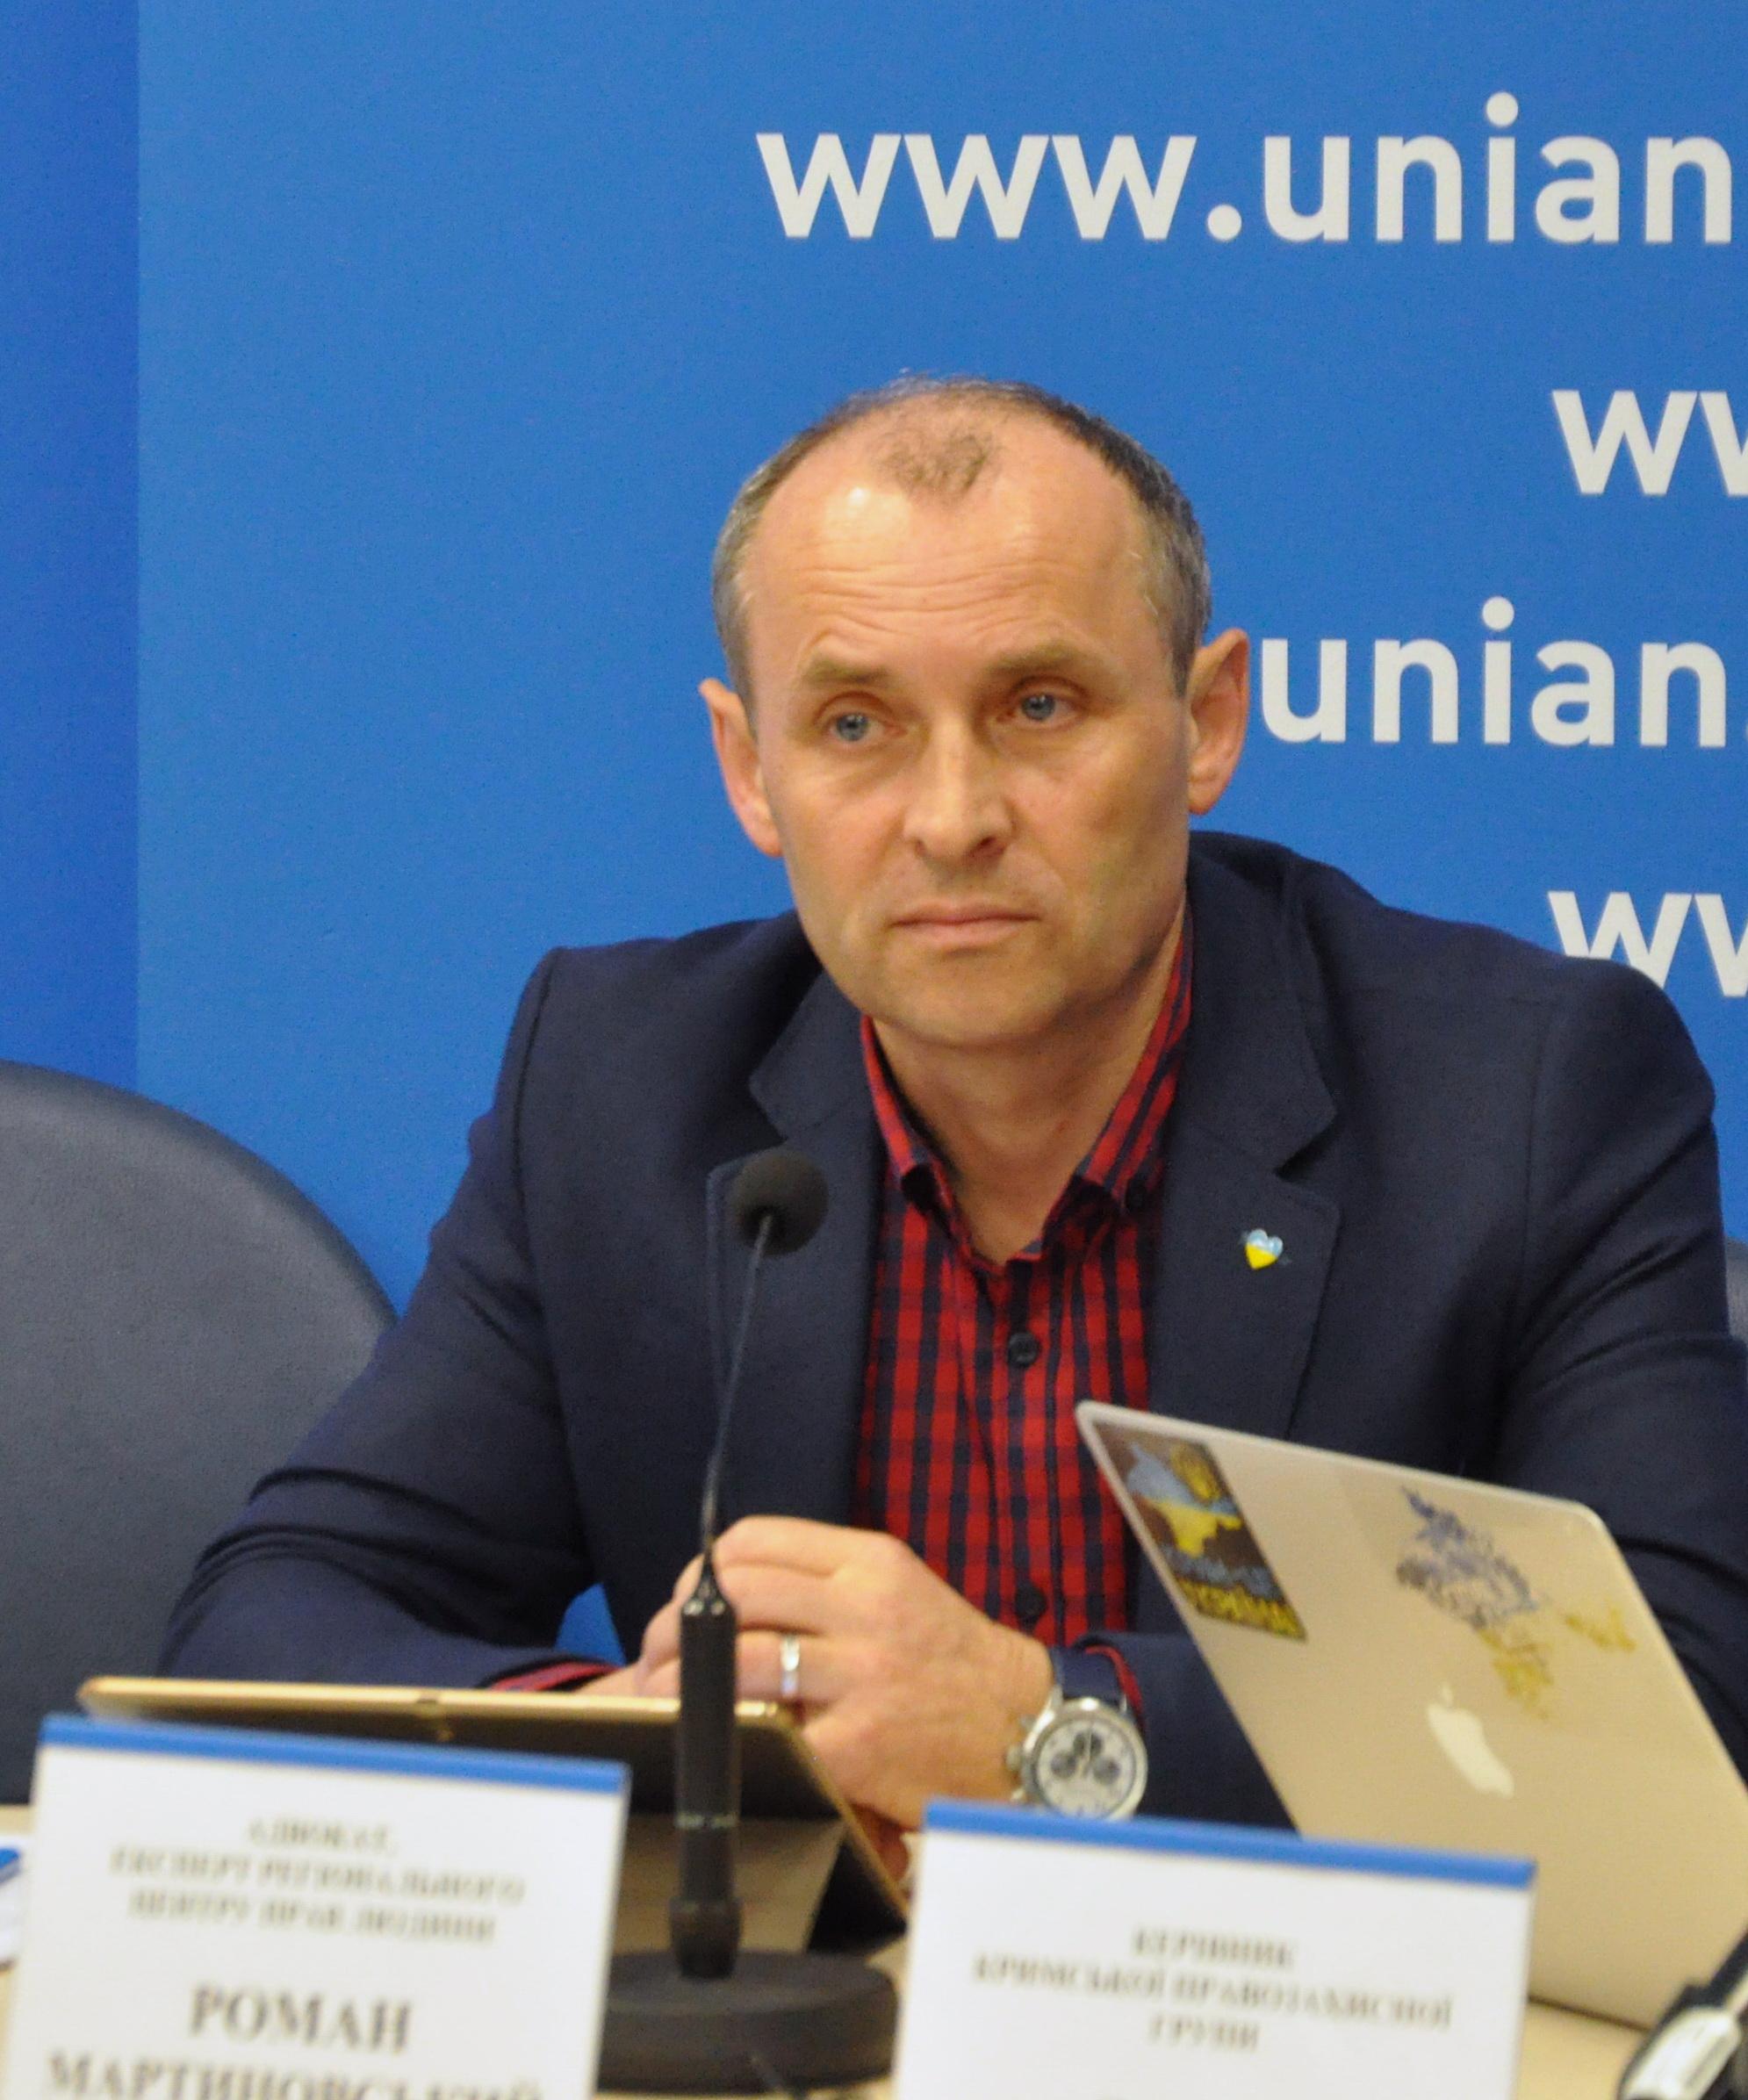 Более тысячи осужденных перемещены вроссийские тюрьмы после оккупации Крыма,— правозащитники